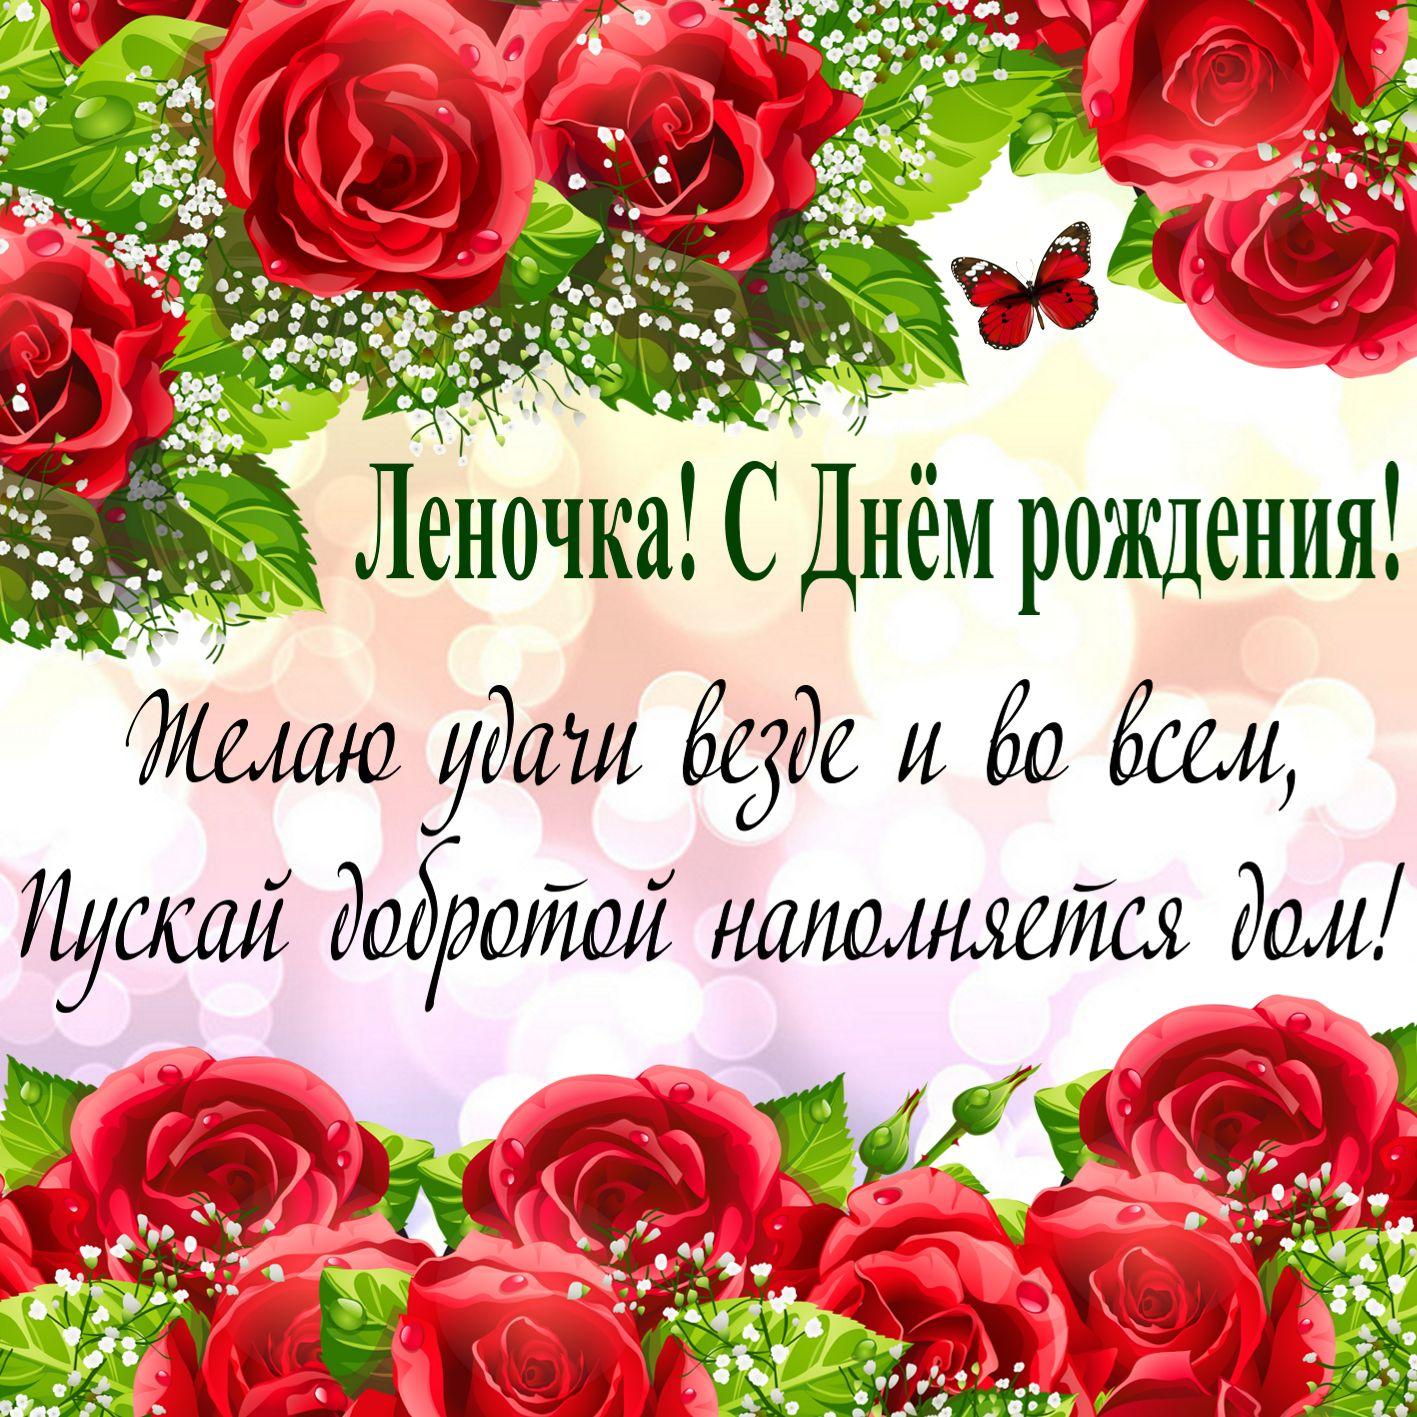 Открытка на День рождения Елене - поздравление в оформлении из роз